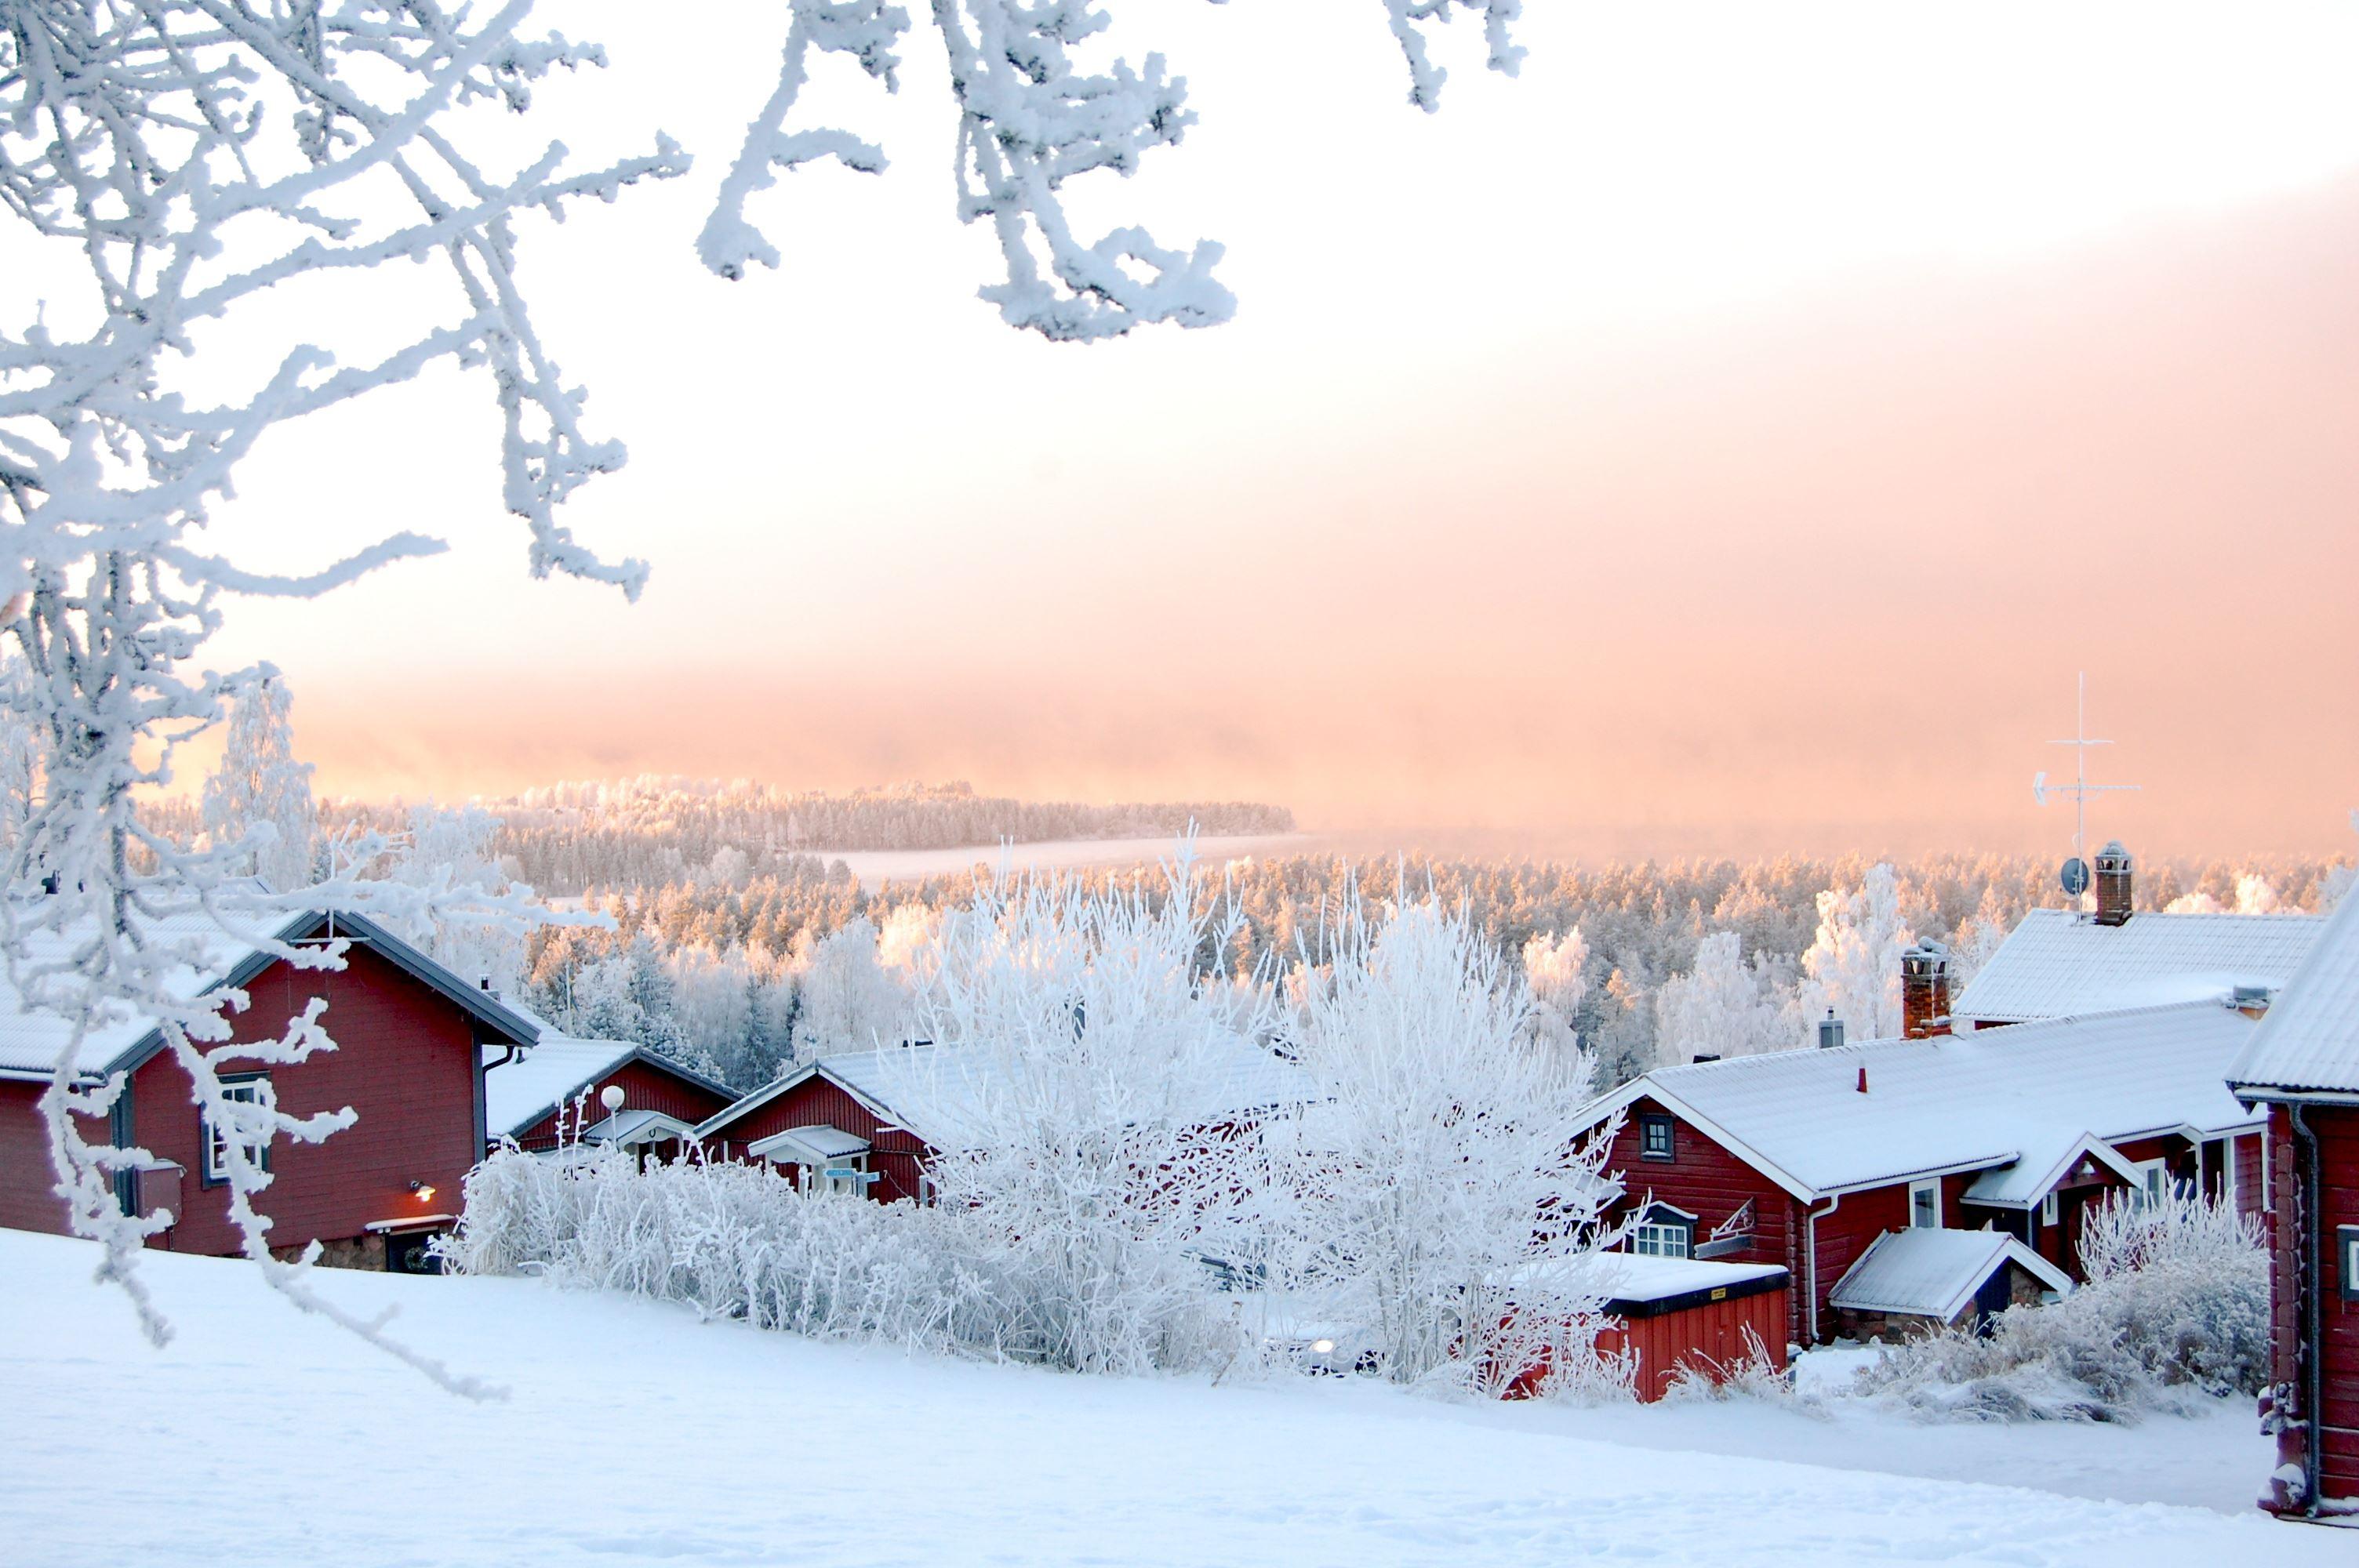 Lissjul i Tällberg